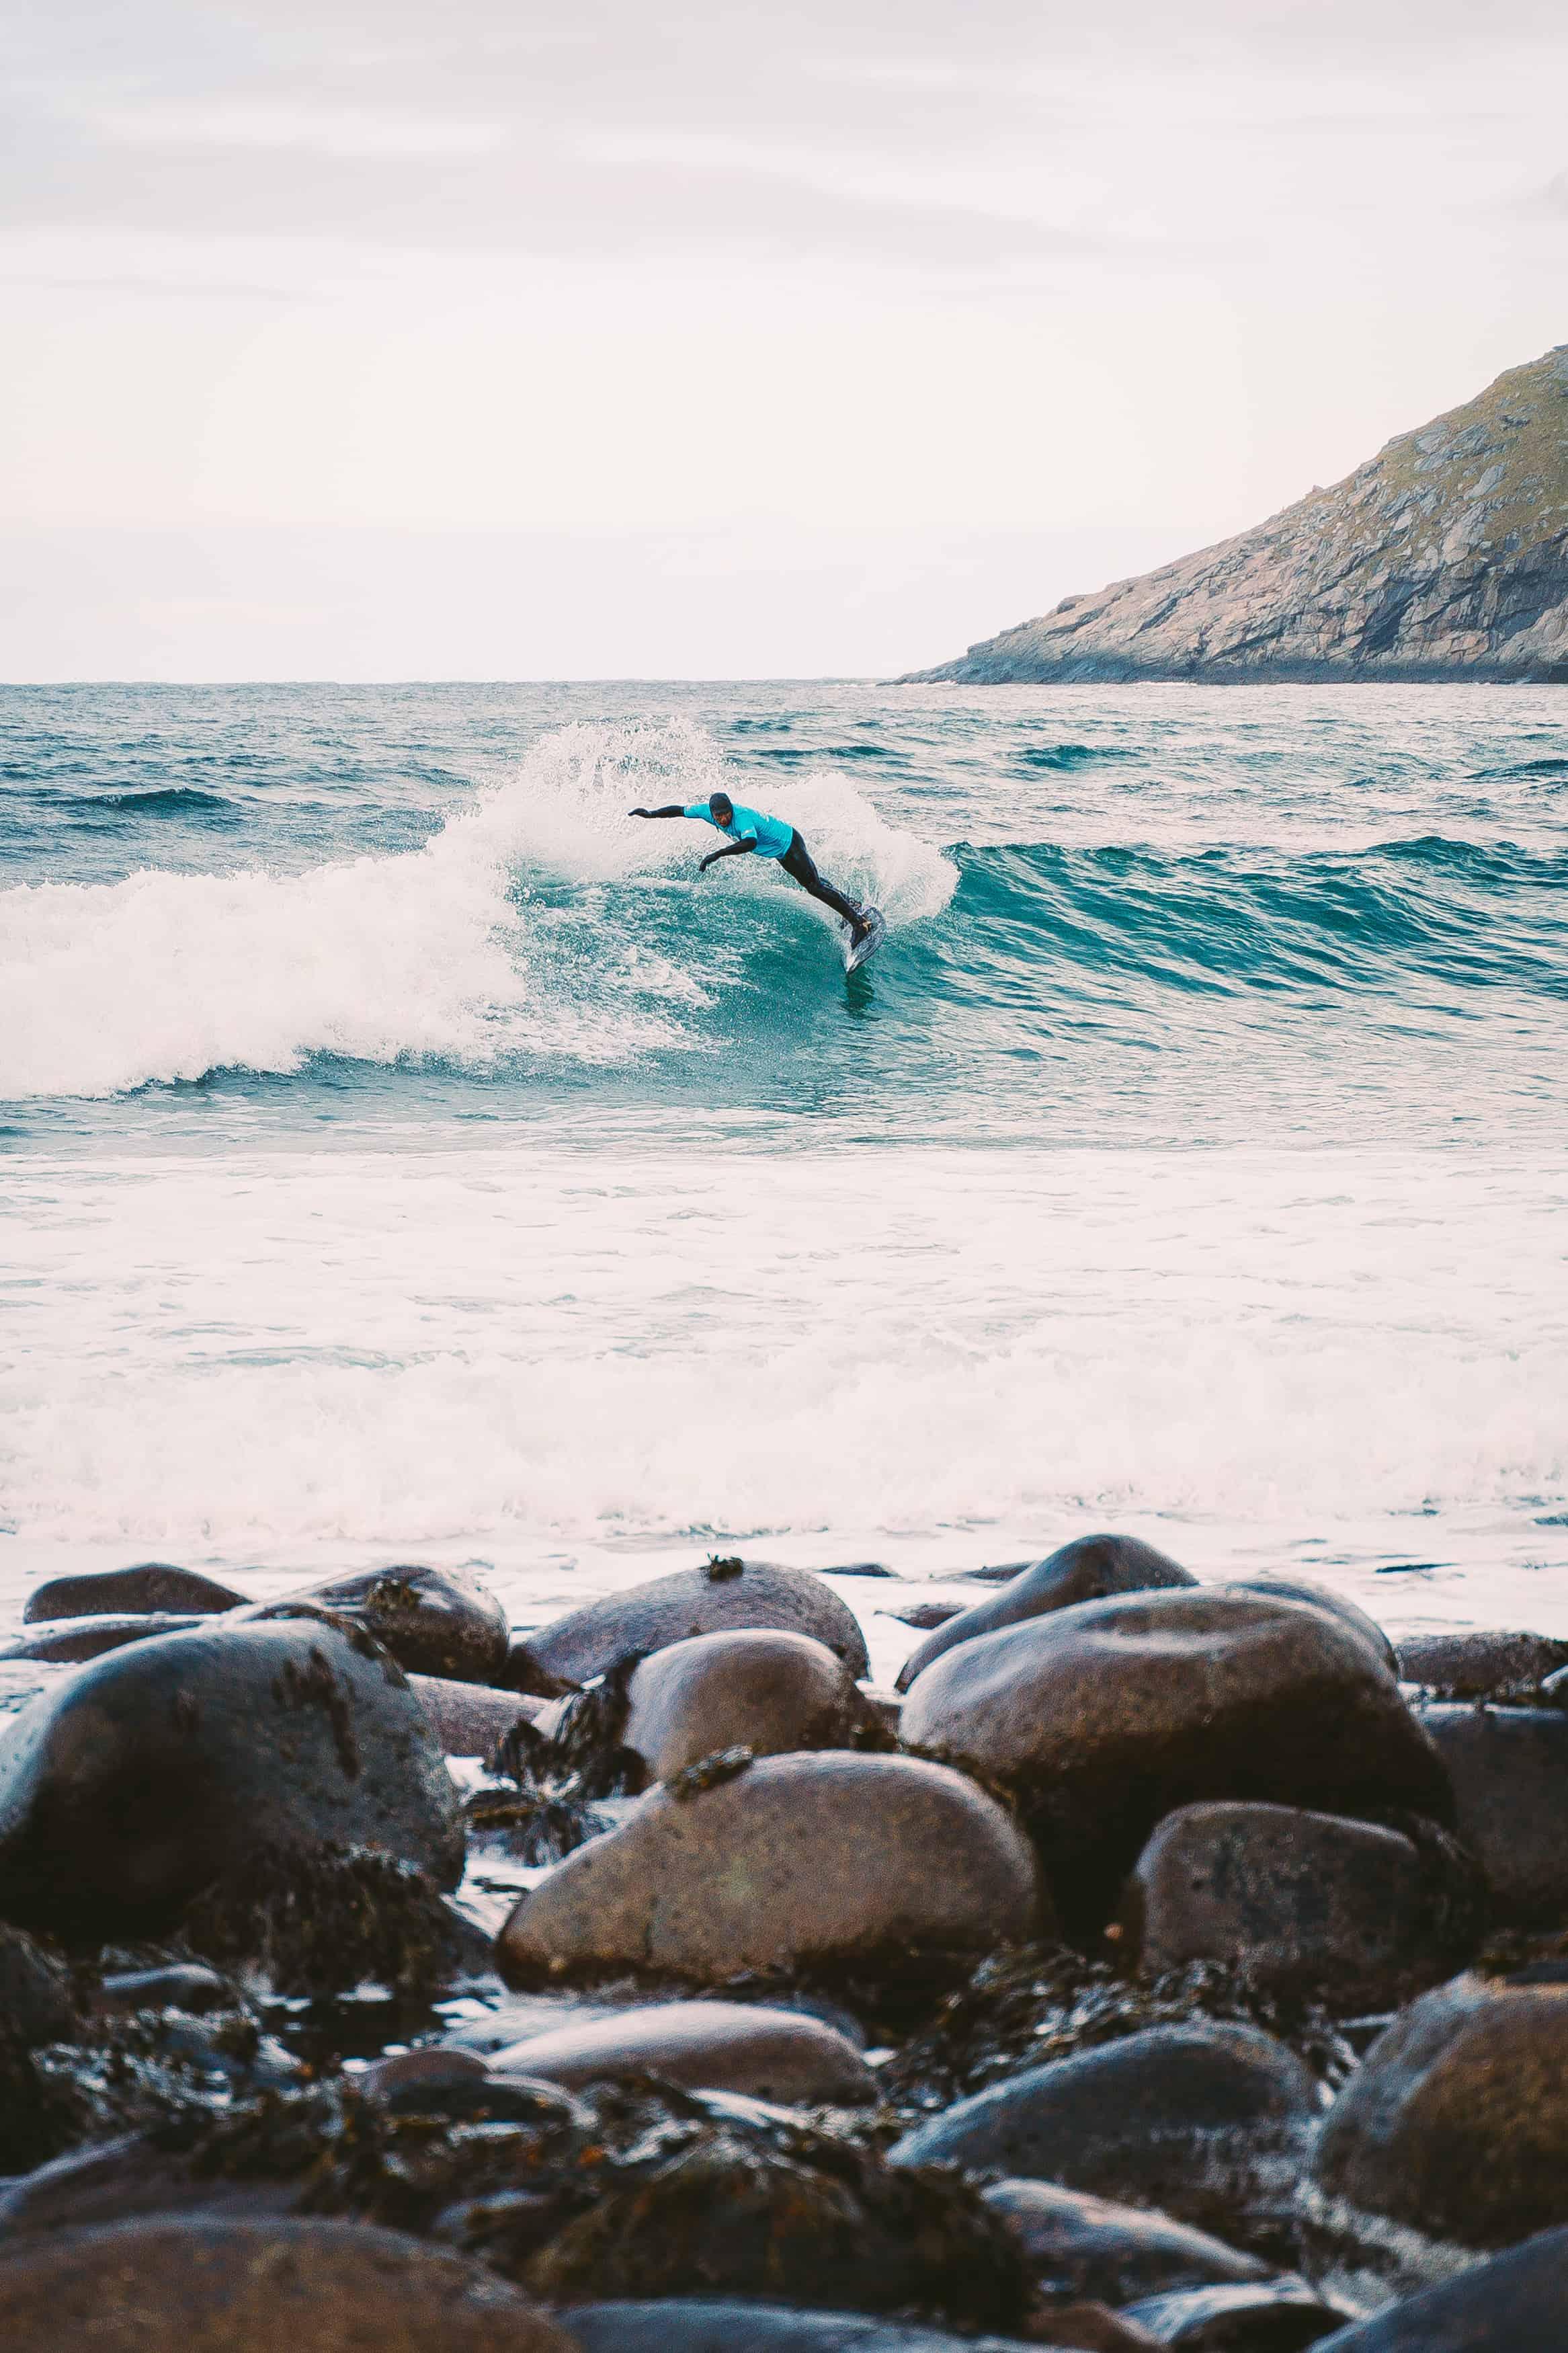 Luca Guichard stakk av med seieren etter helt rå surfing. Foto: Rasmus Brøgger / @rb_dk